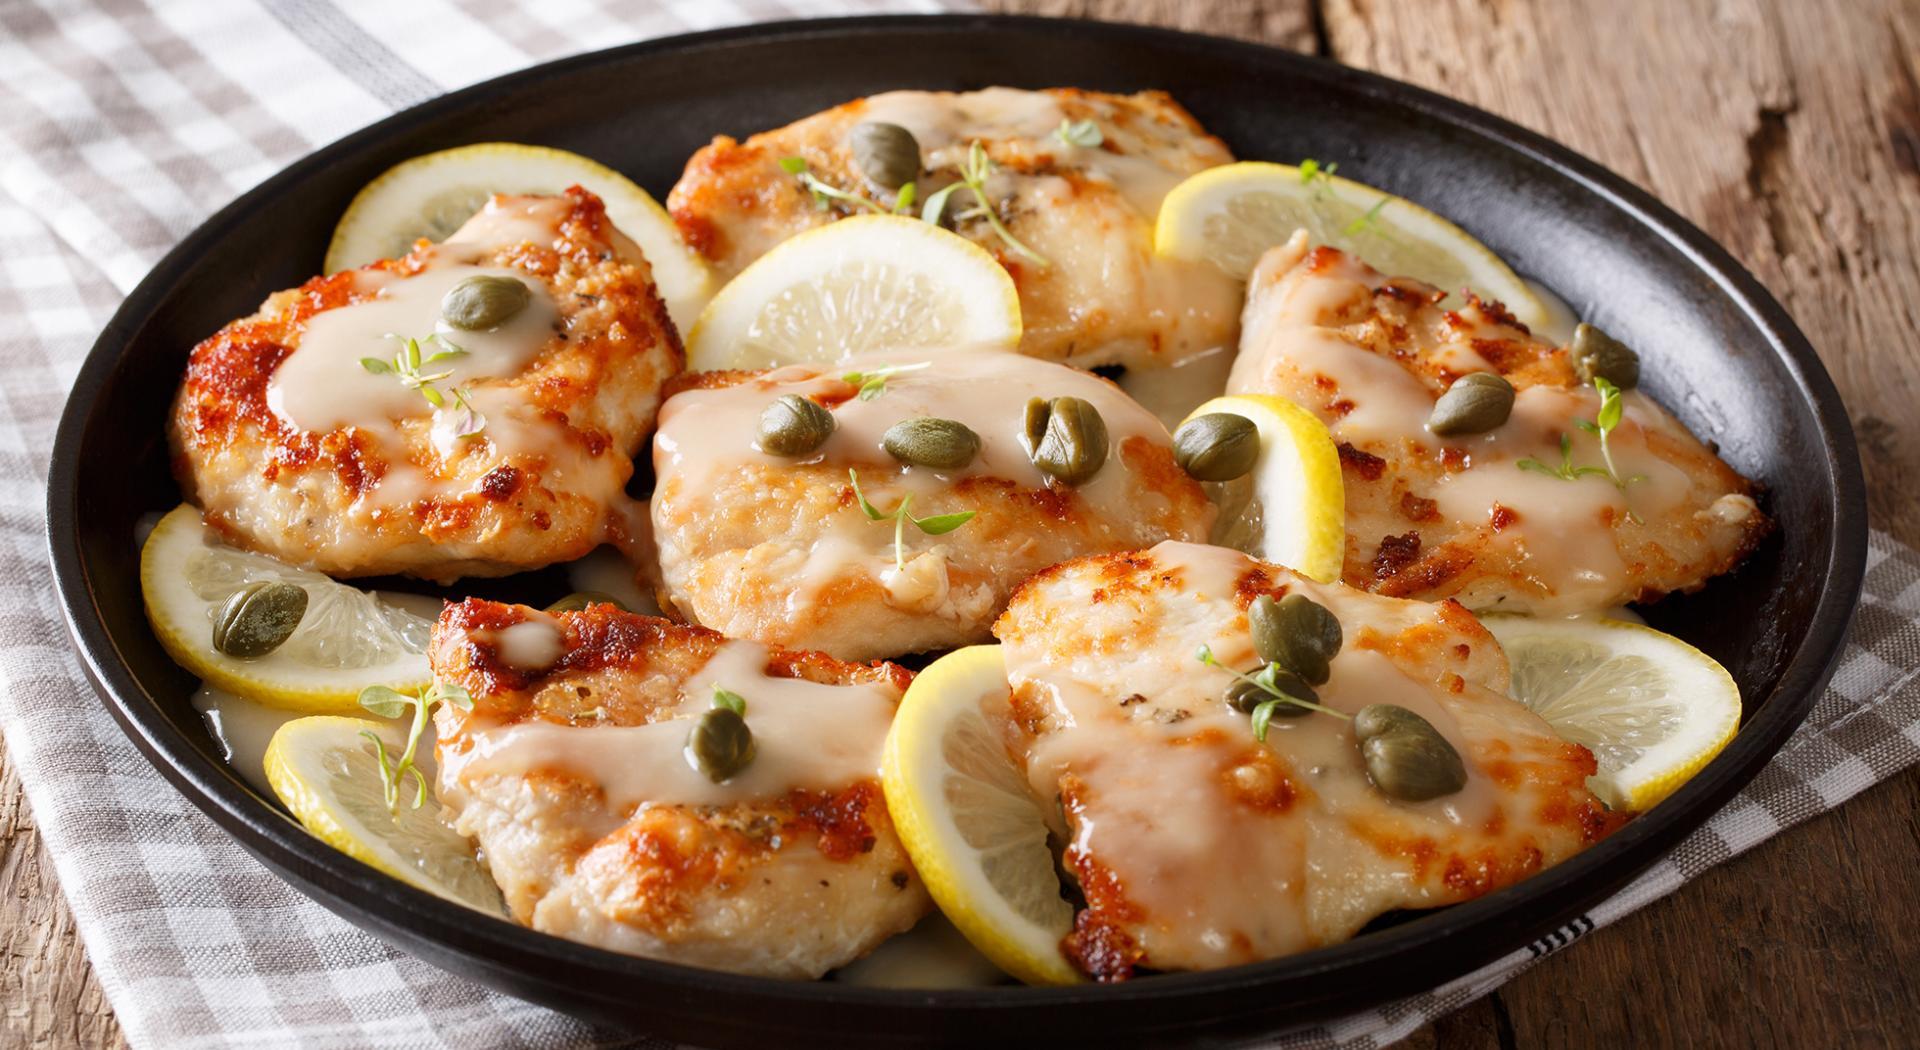 Ricette Italiana Di Pollo.Ricette Regionali Con Il Pollo Aia Food